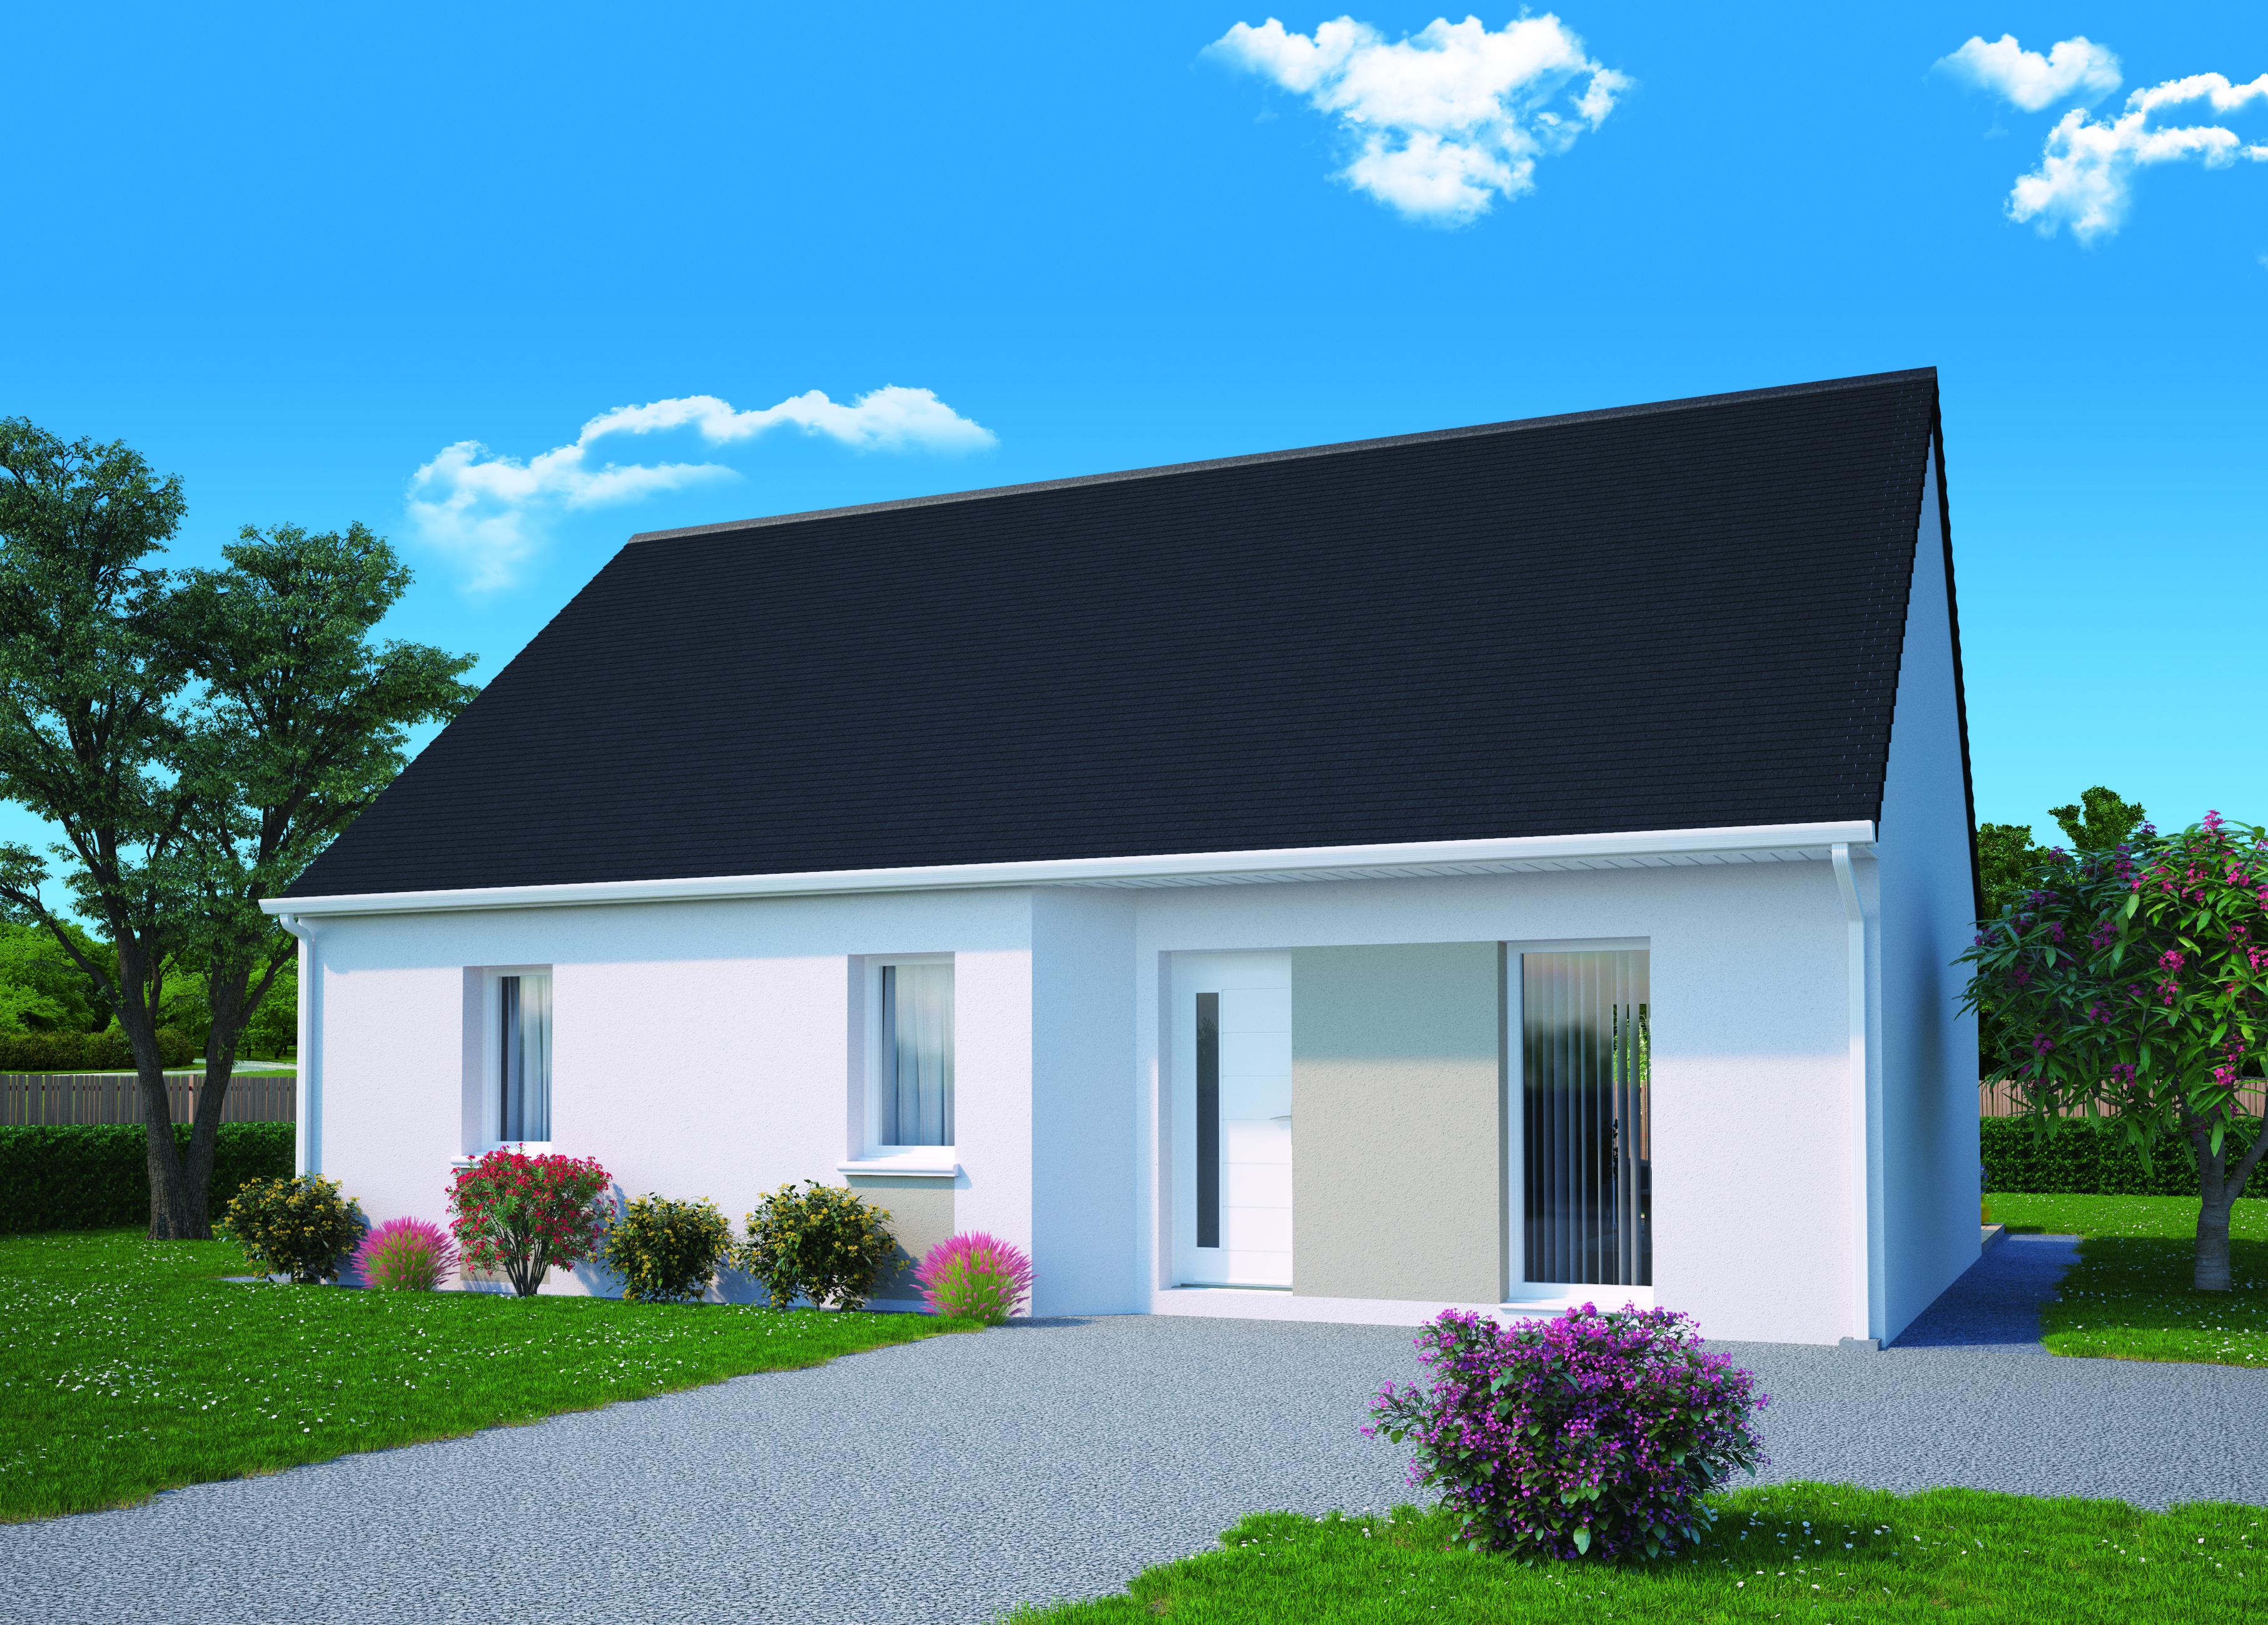 Maison à vendre à Mosnes